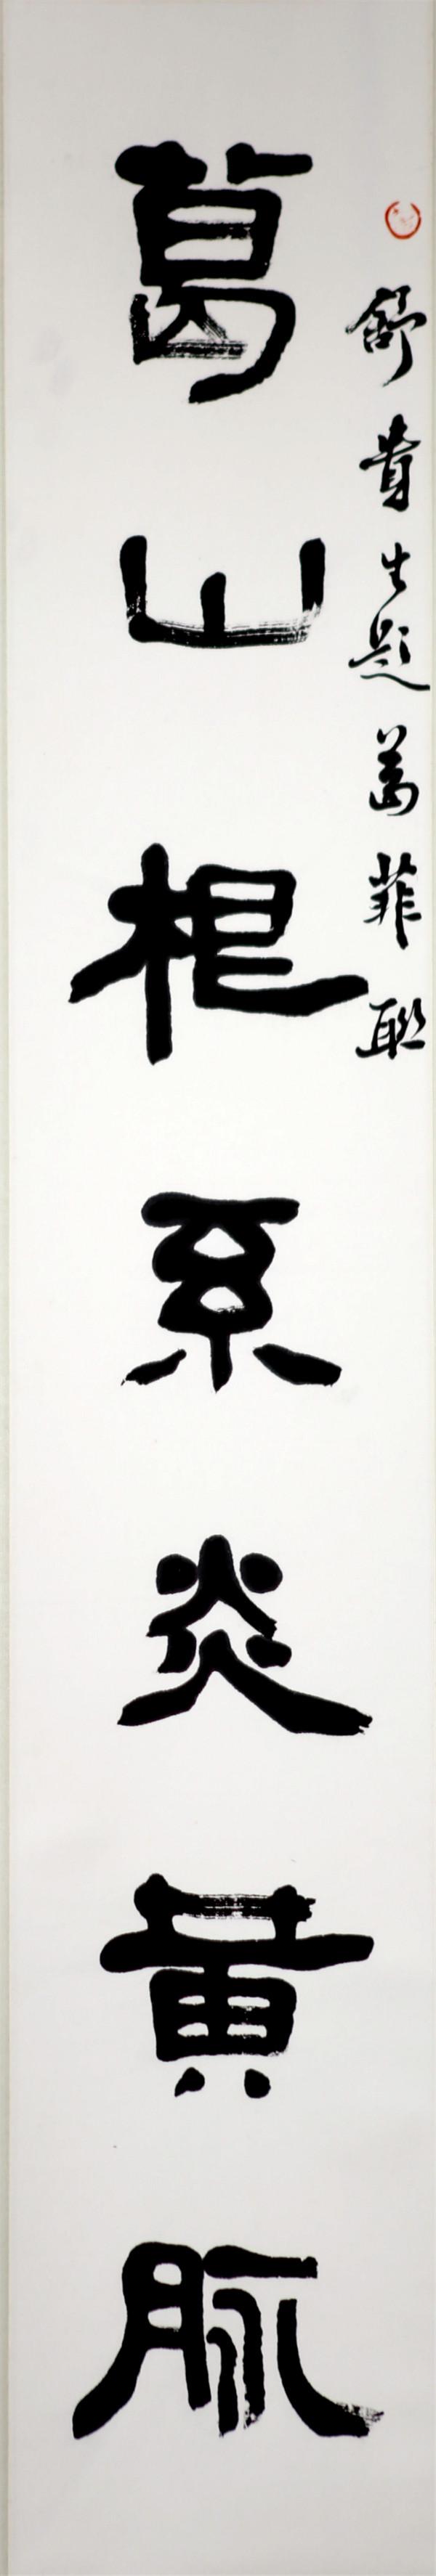 序号354,书录舒贵生为江苏奥运冠军葛菲嵌名联